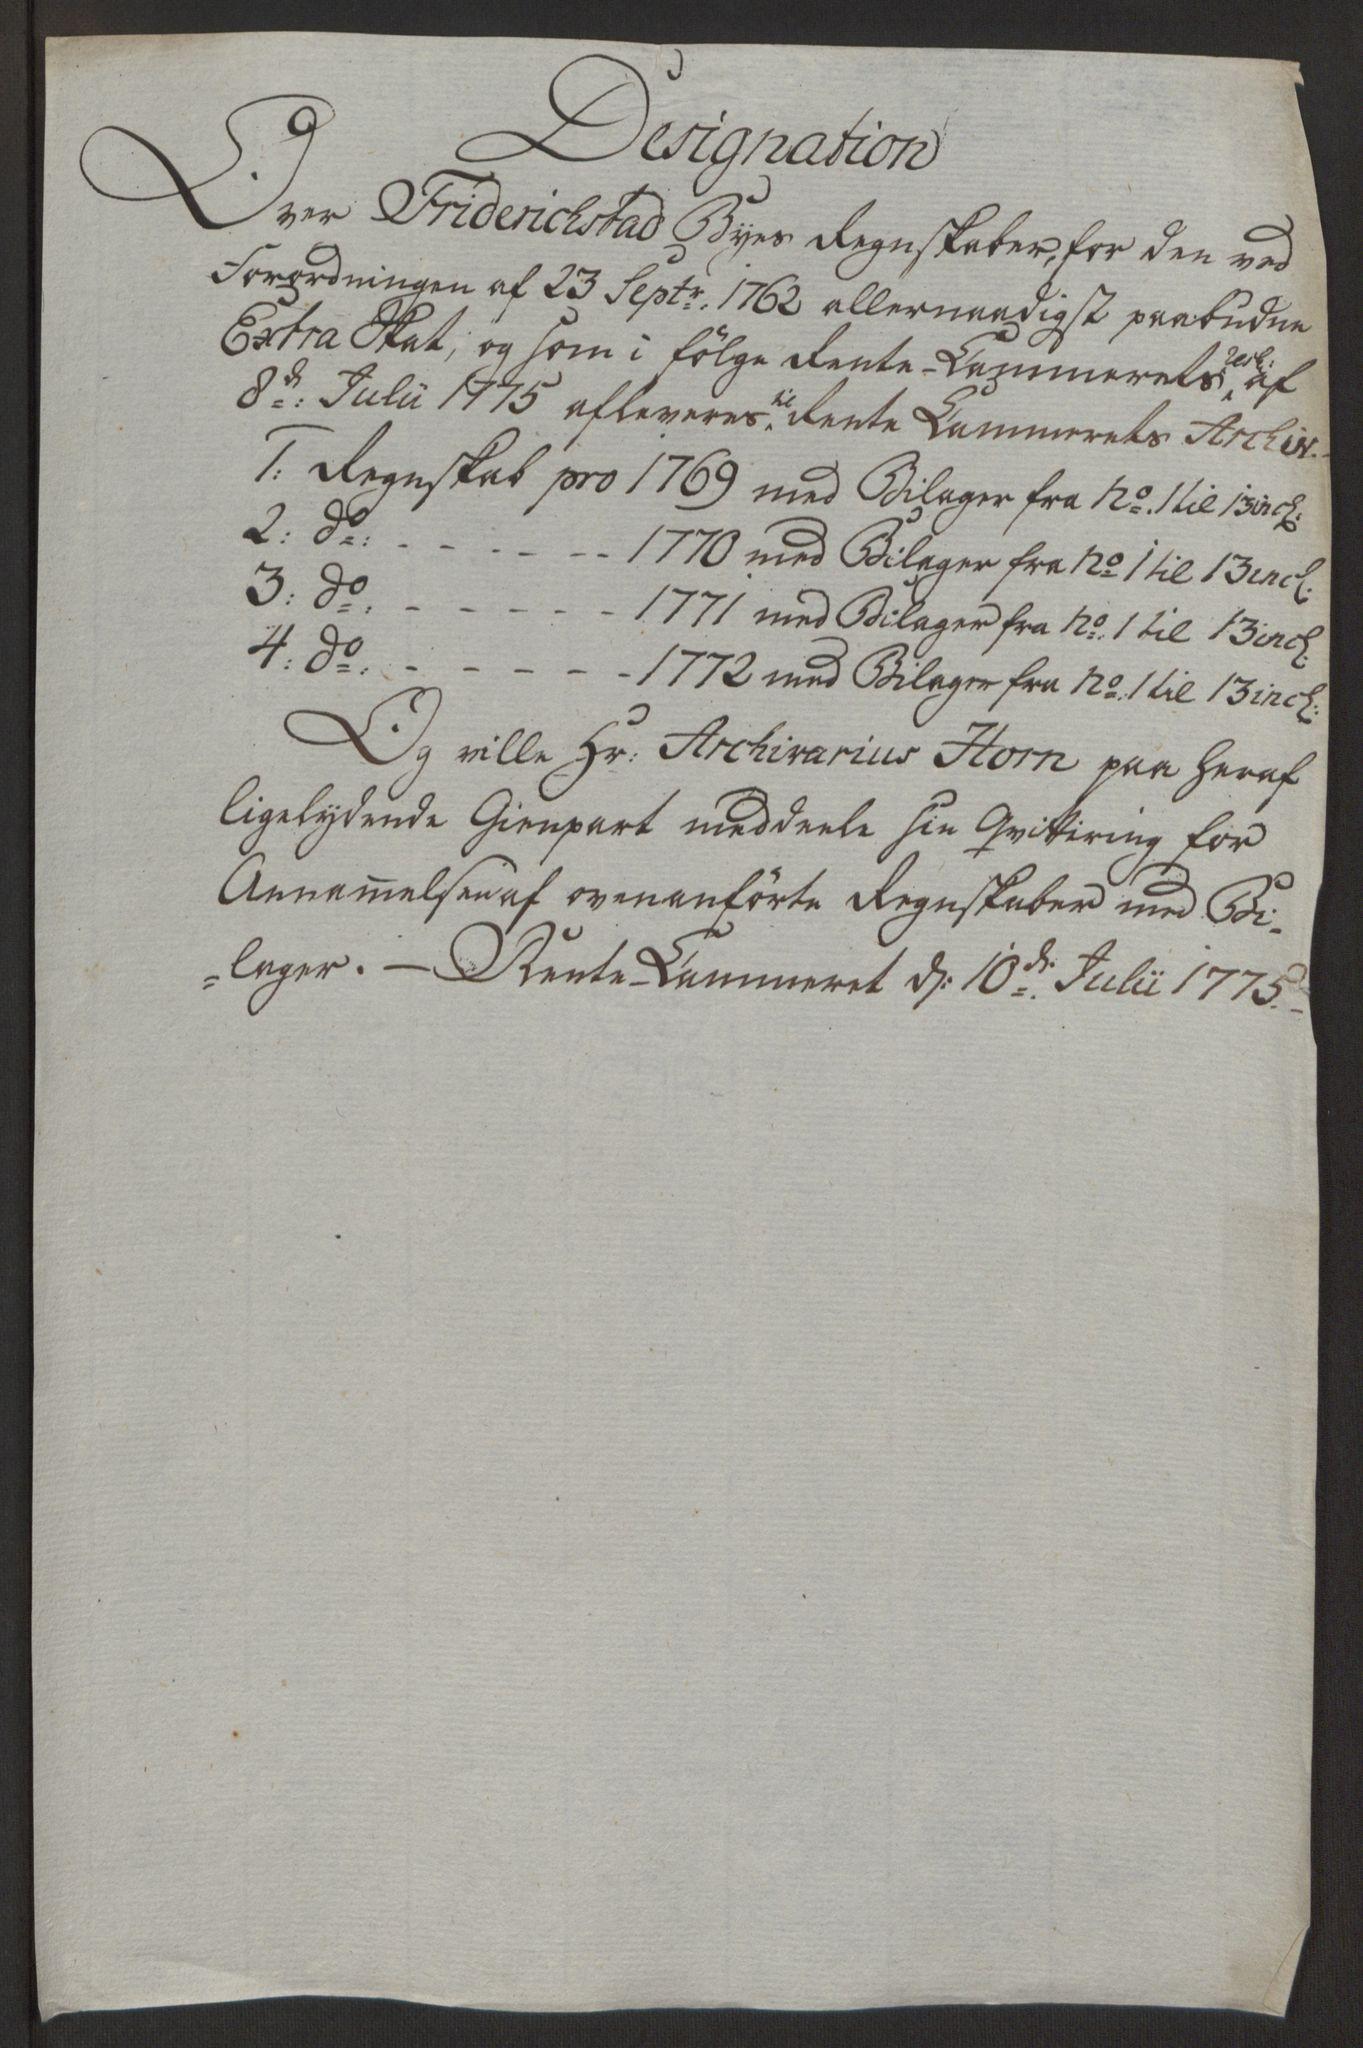 RA, Rentekammeret inntil 1814, Reviderte regnskaper, Byregnskaper, R/Rb/L0029: [B3] Kontribusjonsregnskap, 1762-1772, s. 450